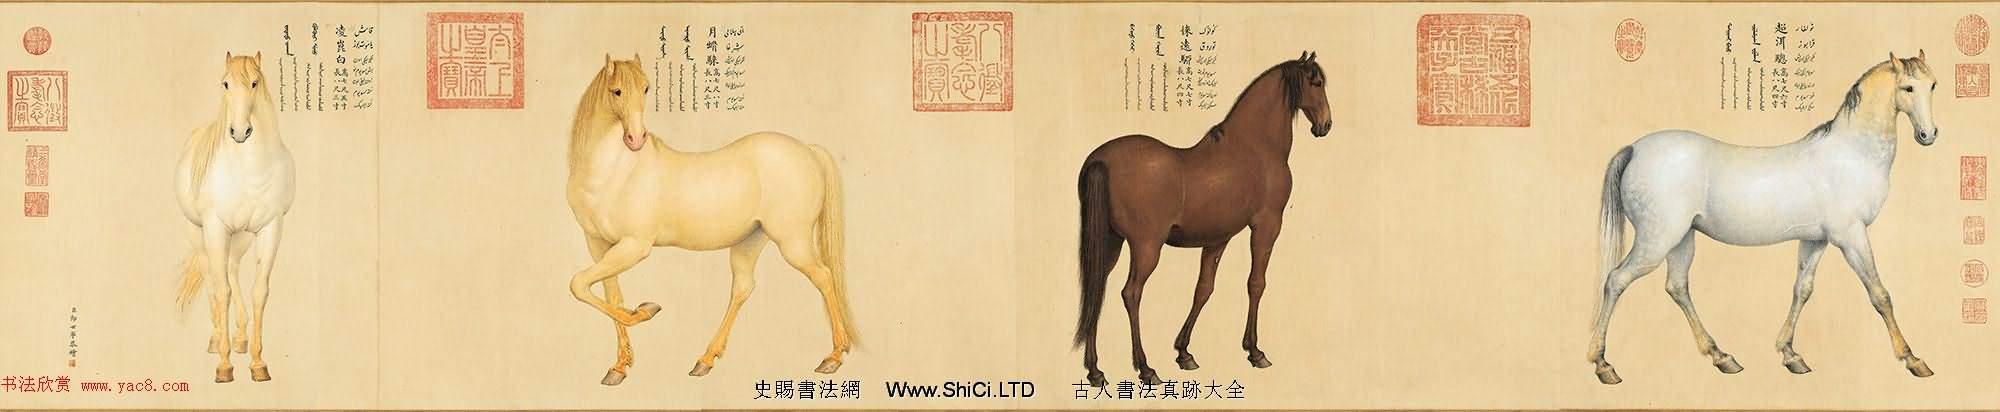 乾隆御筆書《愛烏罕四駿歌》附郎世寧畫馬(共4張圖片)